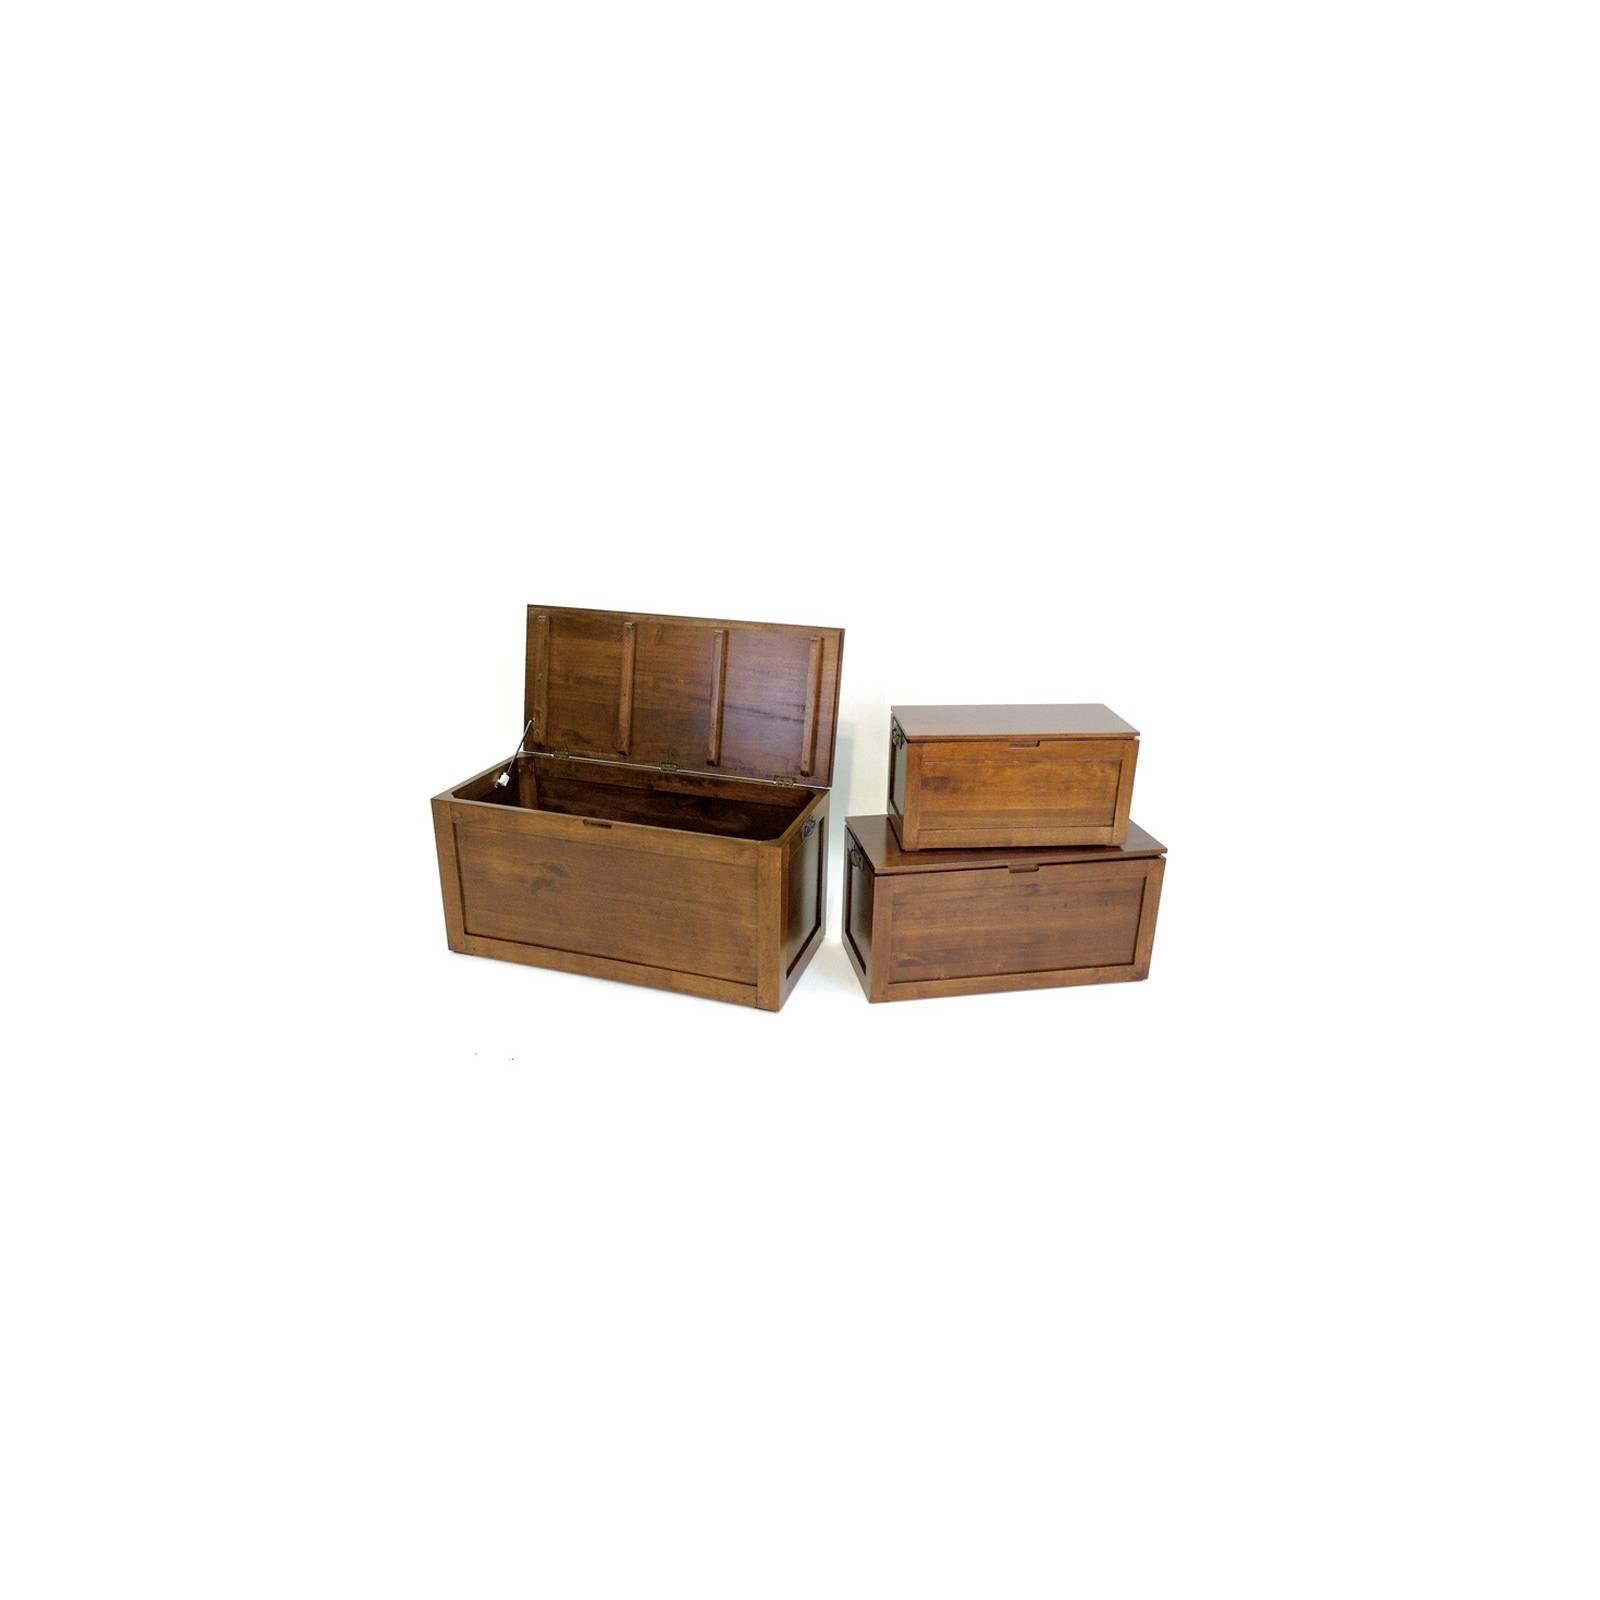 Coffre S/3 Tradition Hévéa - meuble style classique